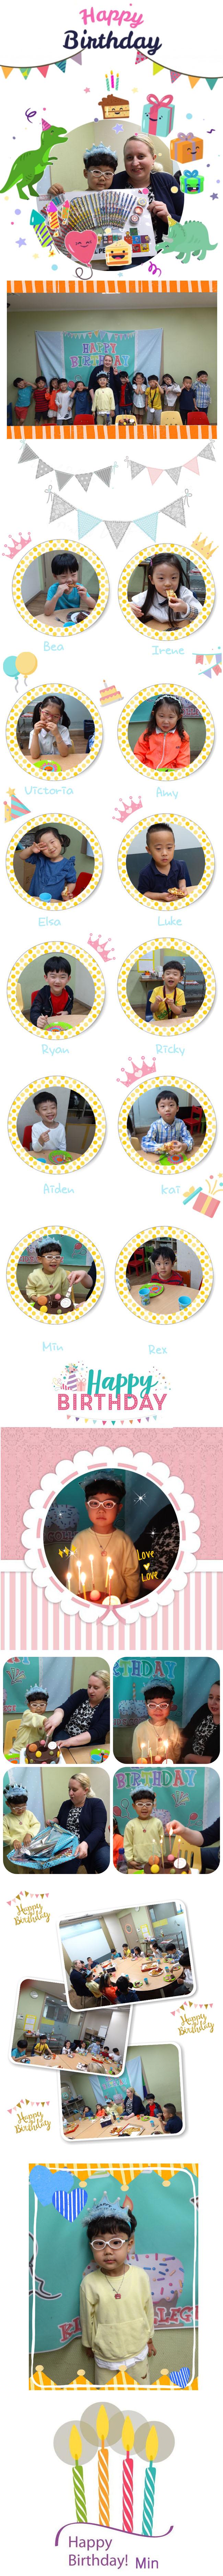 2018_ Birthday Min copy.jpg